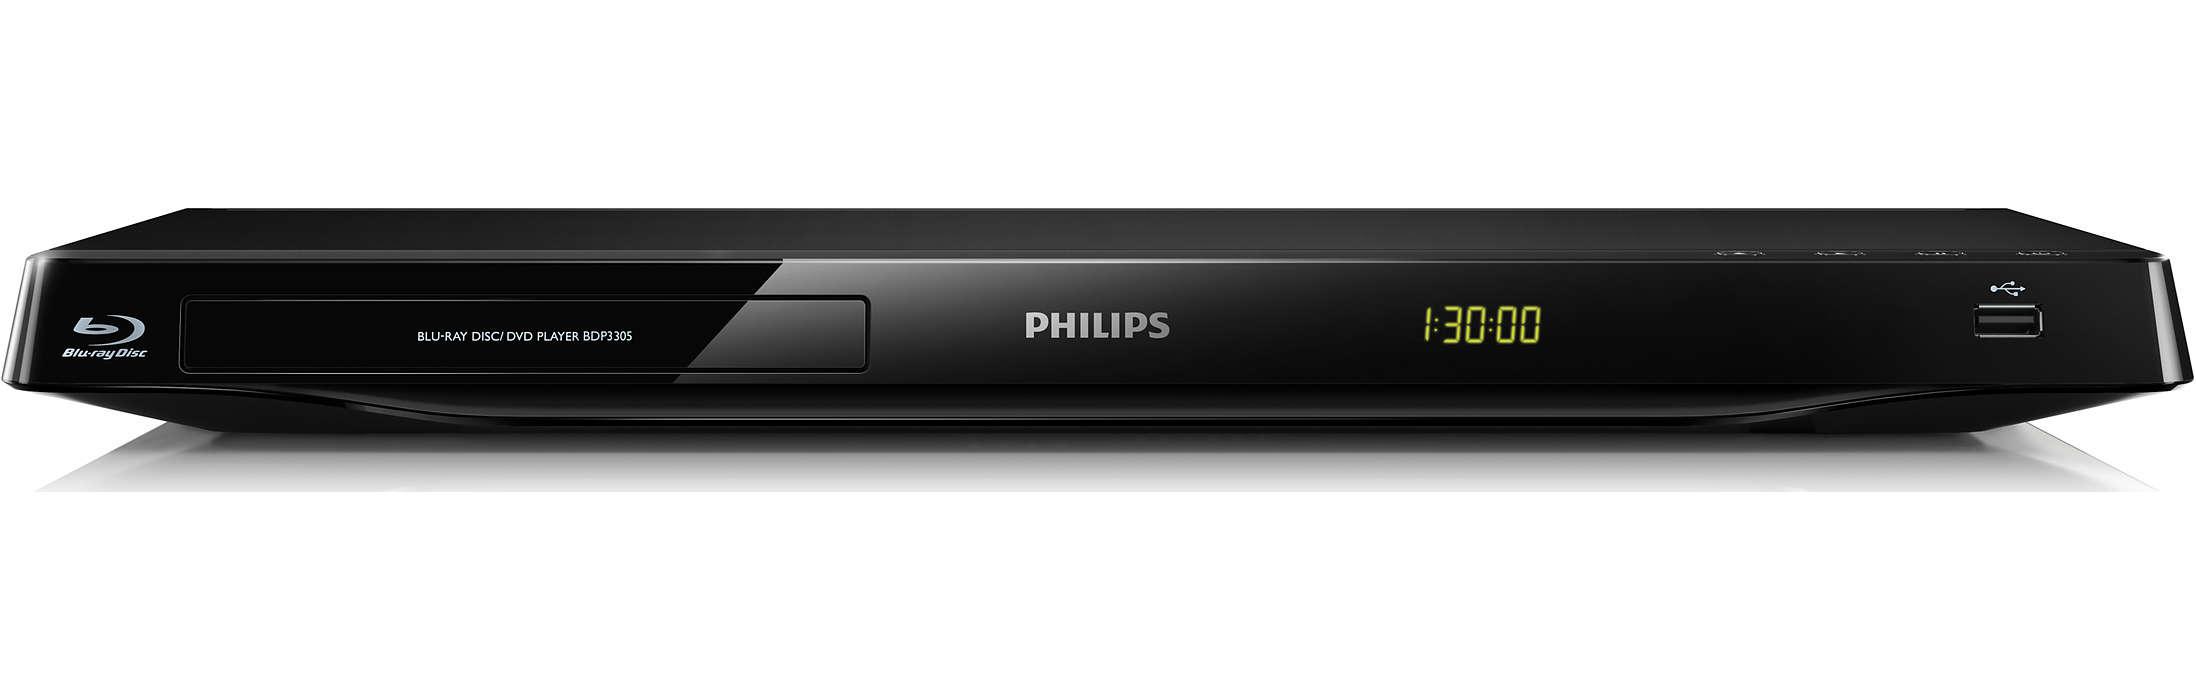 Vychutnajte si filmový zážitok s formátom Blu-ray u vás doma